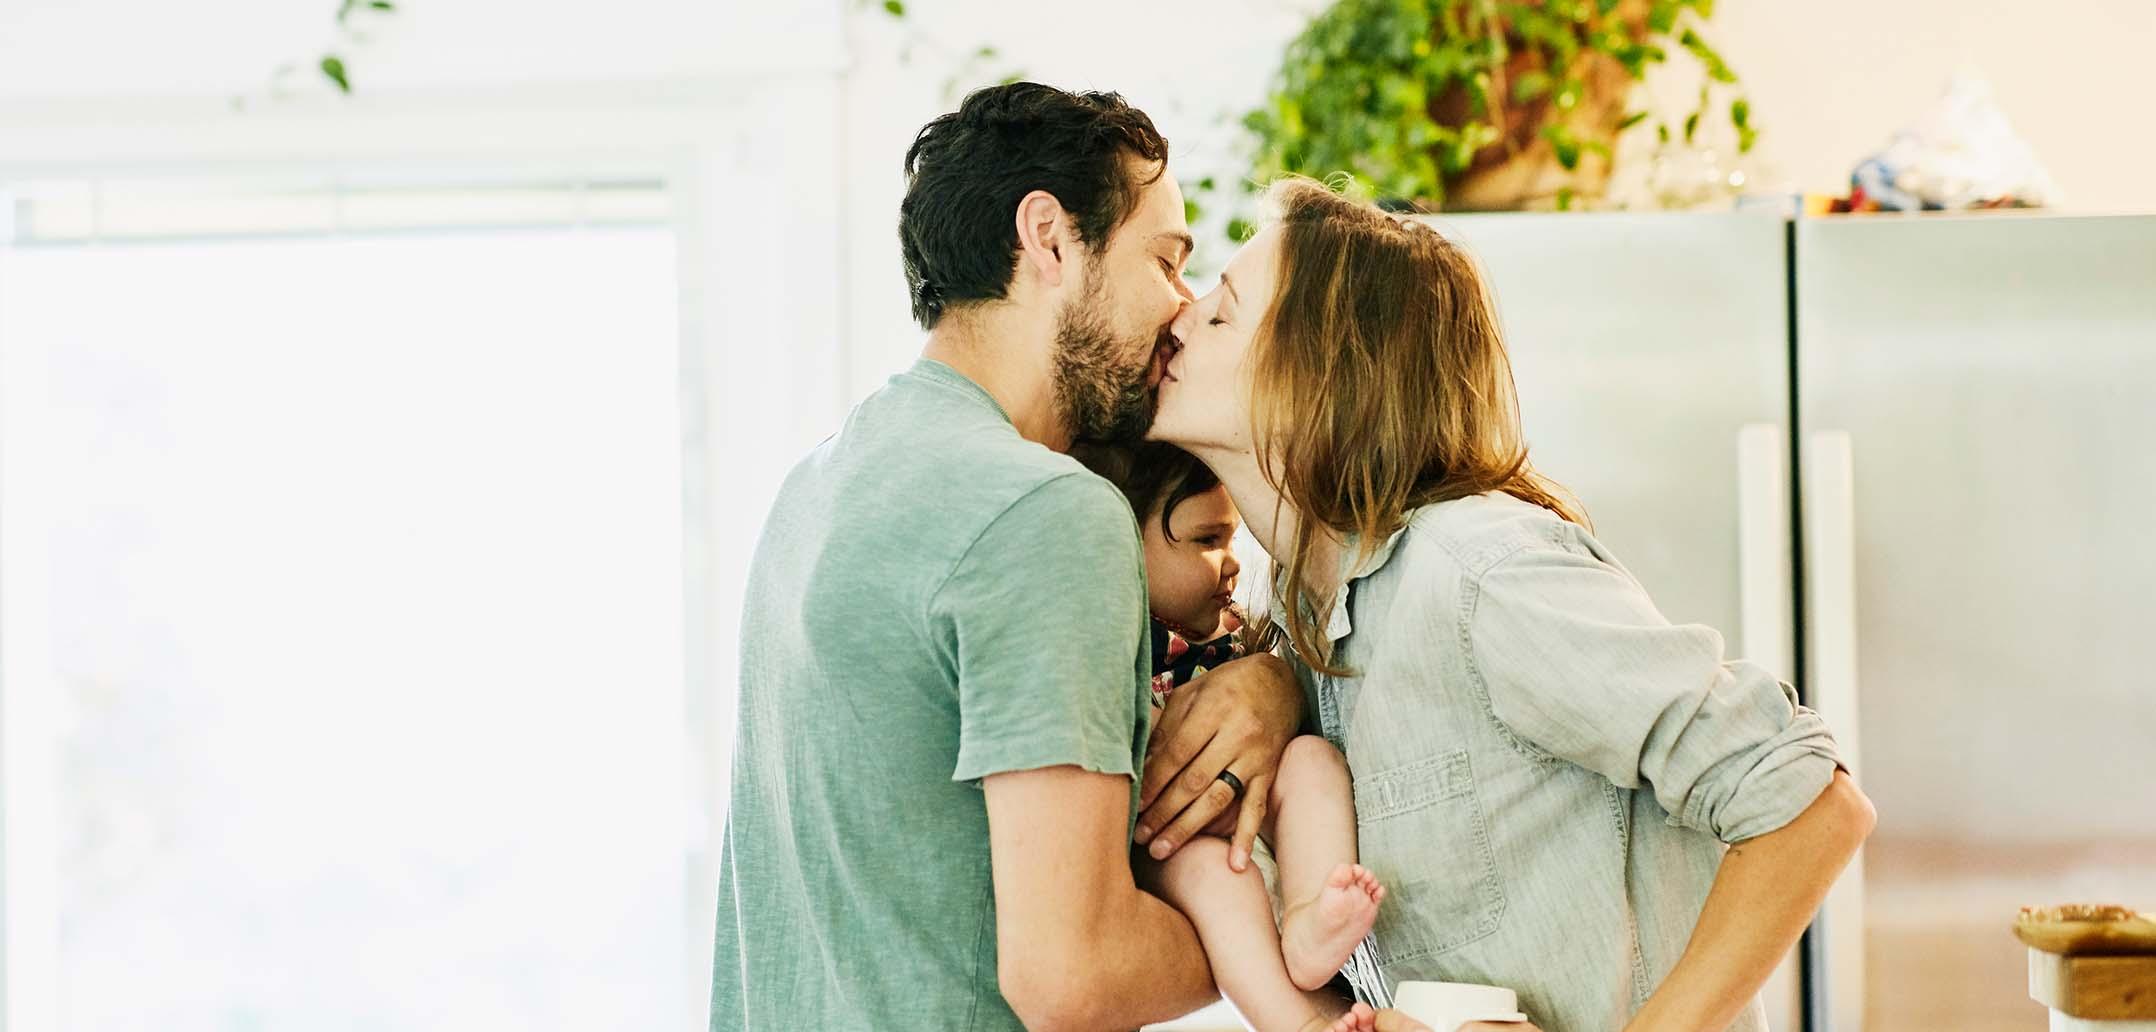 Junge Eltern haben es nicht leicht, ein angeregtes Sexleben zu haben